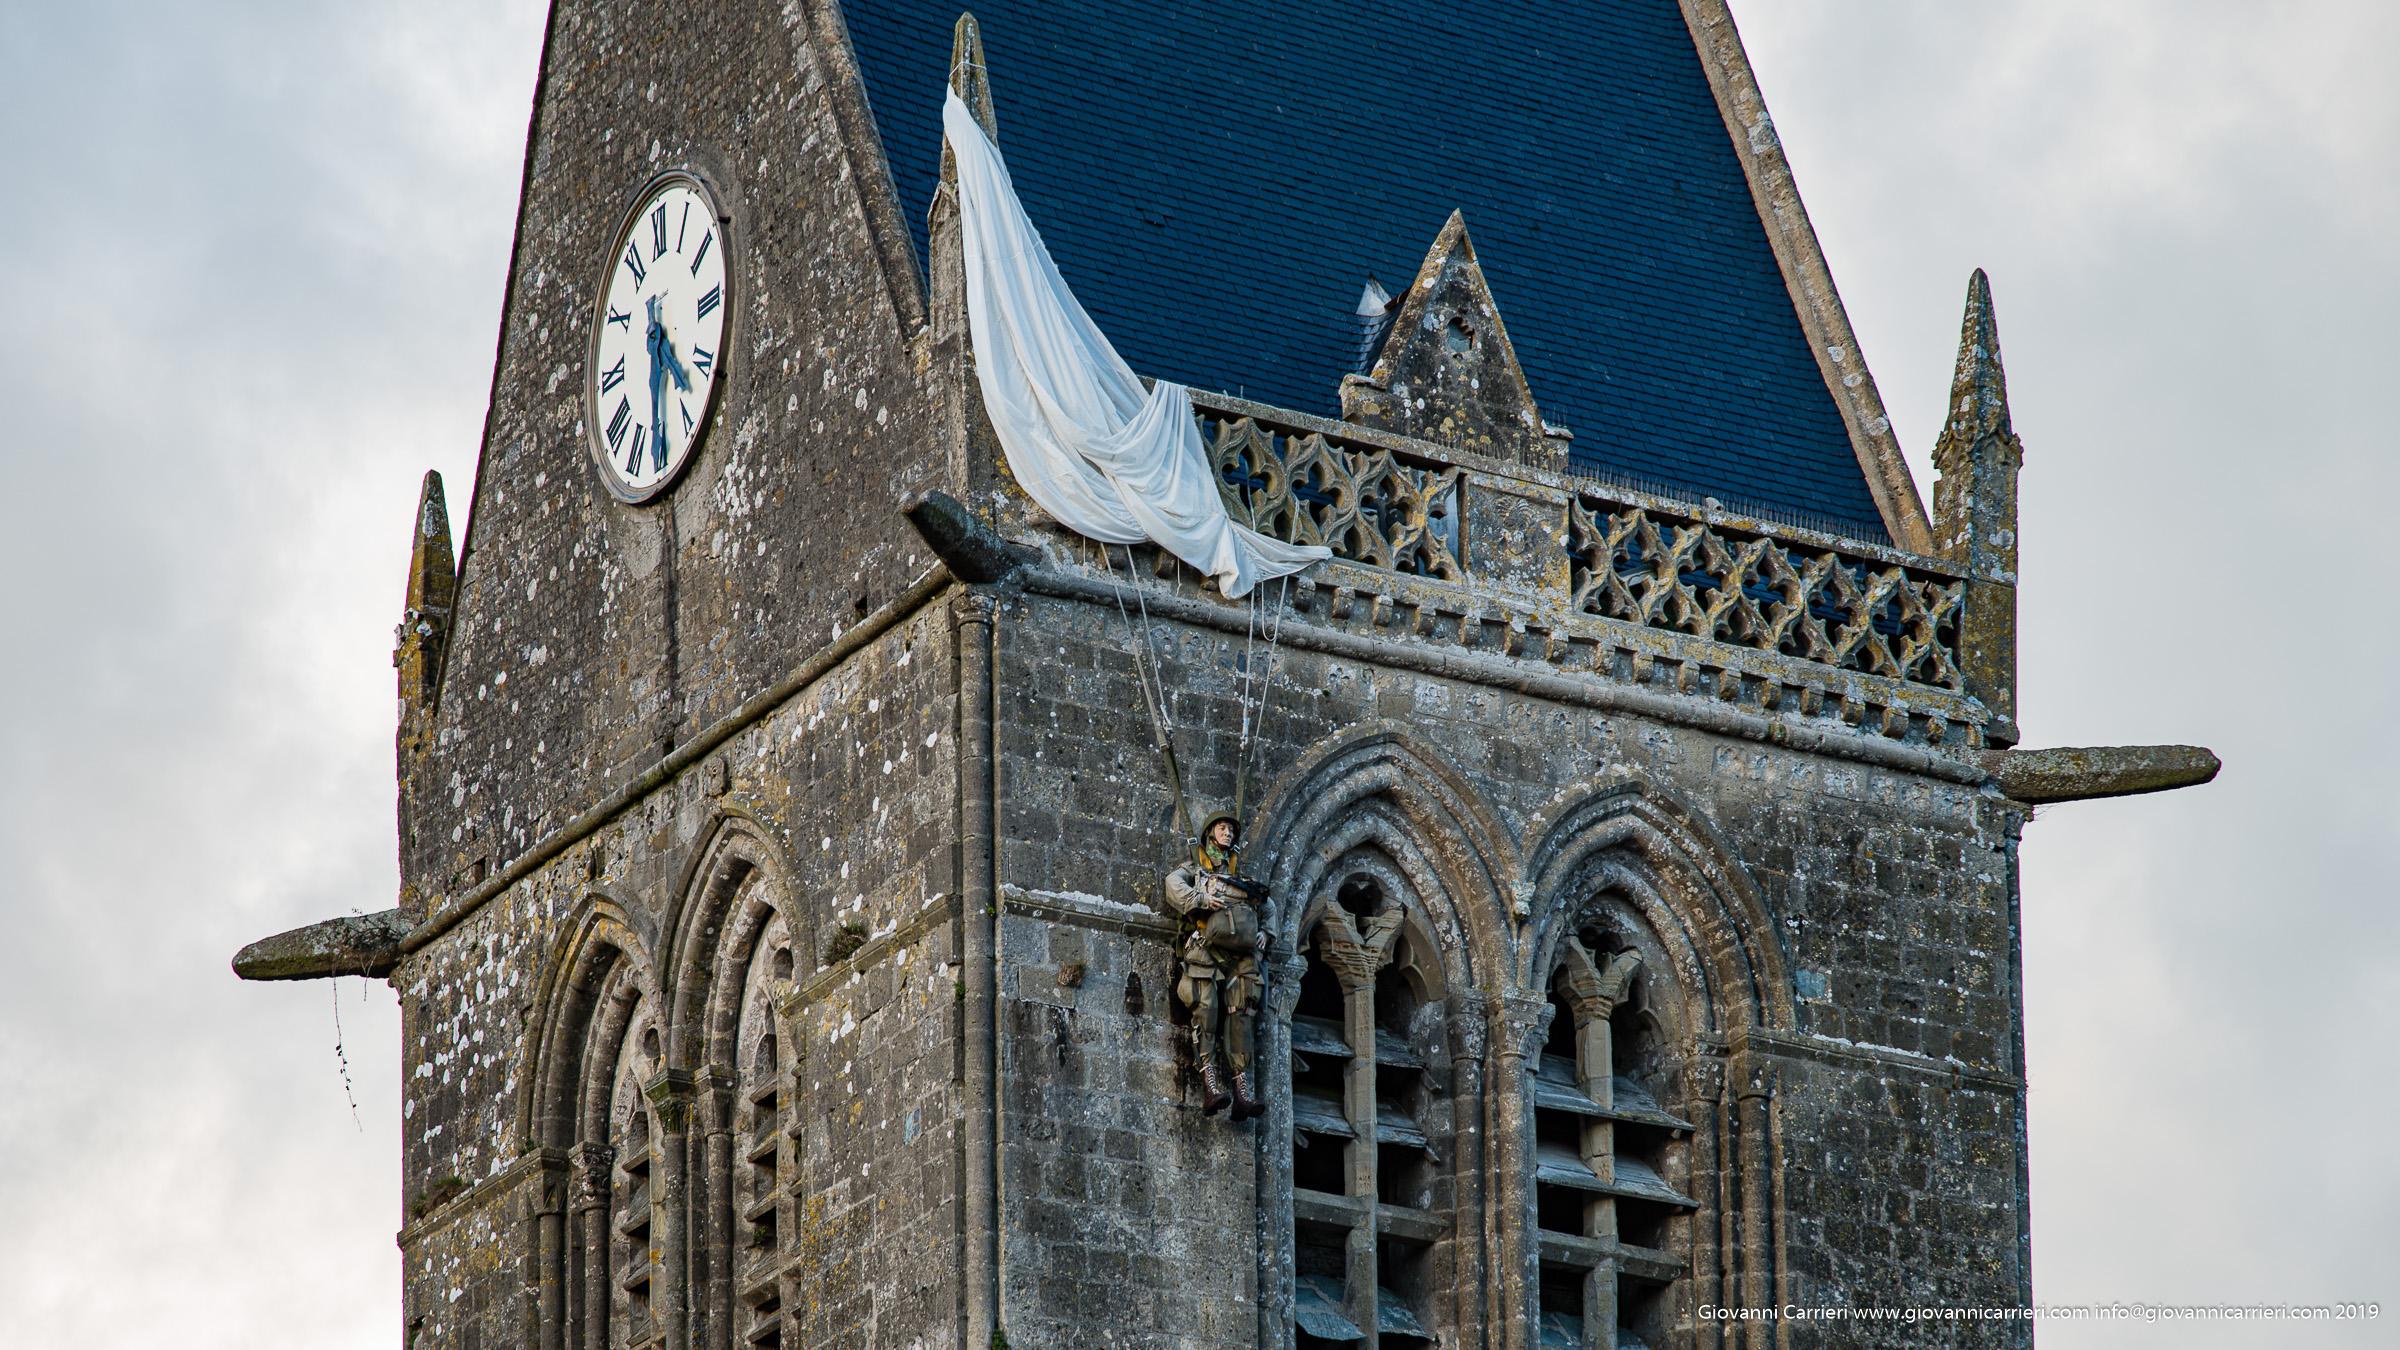 Il campanile della chiesa, con il monumento al paracadutista a Sainte Mère Église